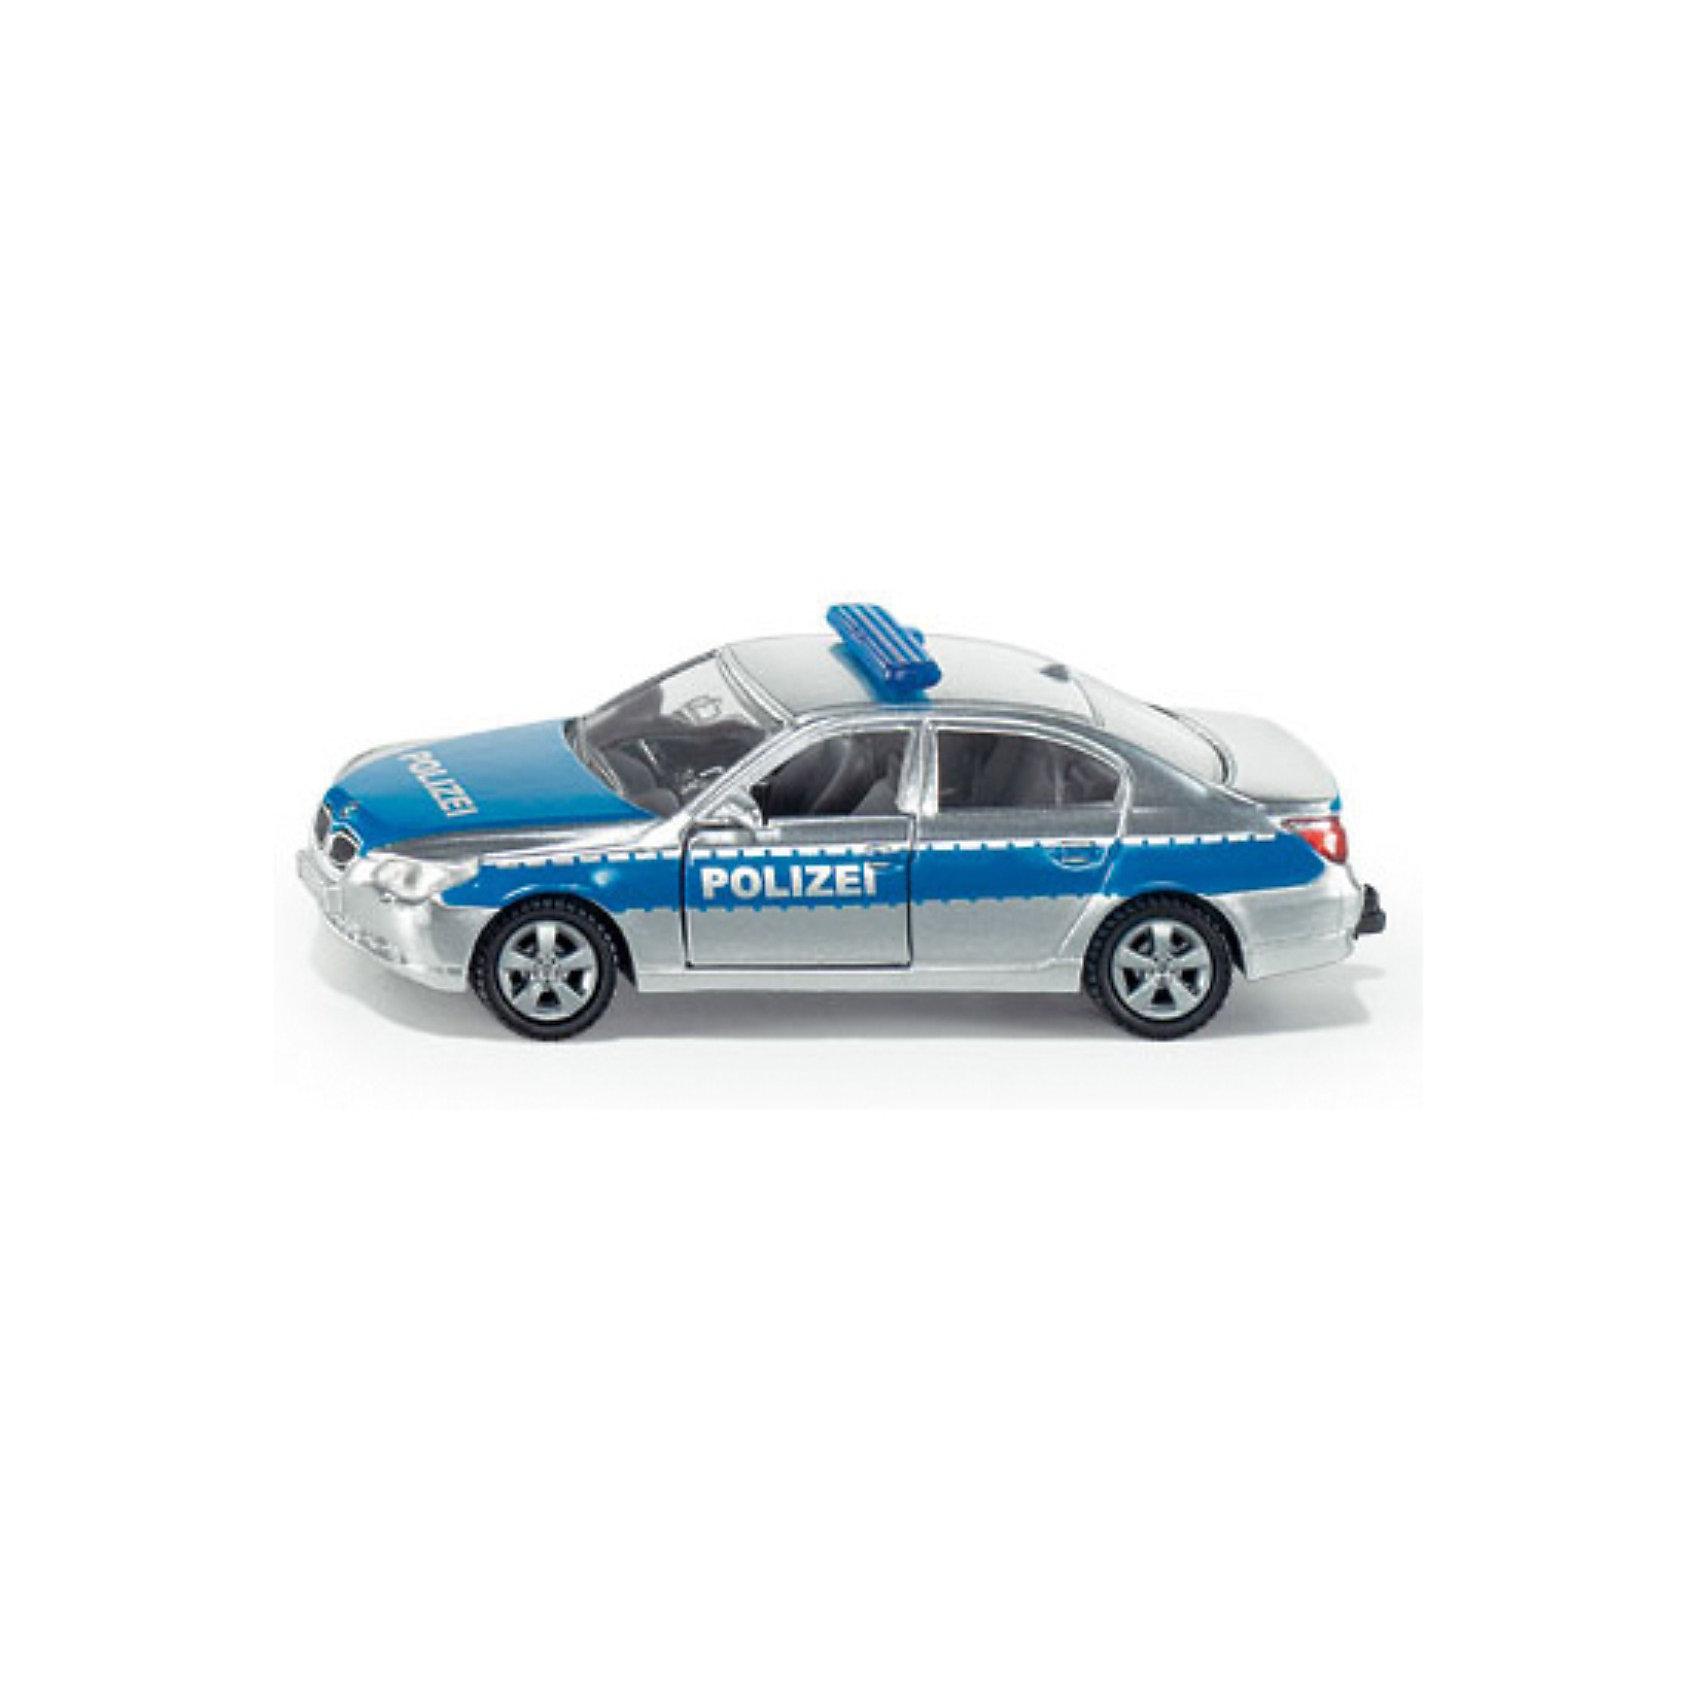 SIKU 1352 Полицейская патрульная машинаМашинки<br>SIKU (СИКУ) 1352 Полицейская патрульная машина несомненно вызовет у ребенка радостные чувства, ведь она очень реалистичная.<br><br>Корпус выполнен из металла, передние двери открываются, лобовое, заднее и боковые стёкла из прозрачной пластмассы, колёса выполнены из резины и вращаются, можно катать. Сзади есть сцепное устройство, можно использовать с прицепом SIKU (СИКУ) соответствующего масштаба. <br><br>Дополнительная информация:<br>-Материал: металл с элементами пластмассы<br>-Размер игрушки: 8,1 x 3,6 x 2,9 см<br>-Масштаб 1:55<br><br>Порадуйте вашего малыша современной и стильной игрушкой. С коллекцией моделей от SIKU (СИКУ) вы сможете создать собственный уникальный автопарк.<br><br>SIKU (СИКУ) 1352 Полицейскую патрульную машину можно купить в нашем магазине.<br><br>Ширина мм: 95<br>Глубина мм: 78<br>Высота мм: 35<br>Вес г: 63<br>Возраст от месяцев: 36<br>Возраст до месяцев: 96<br>Пол: Мужской<br>Возраст: Детский<br>SKU: 1036561